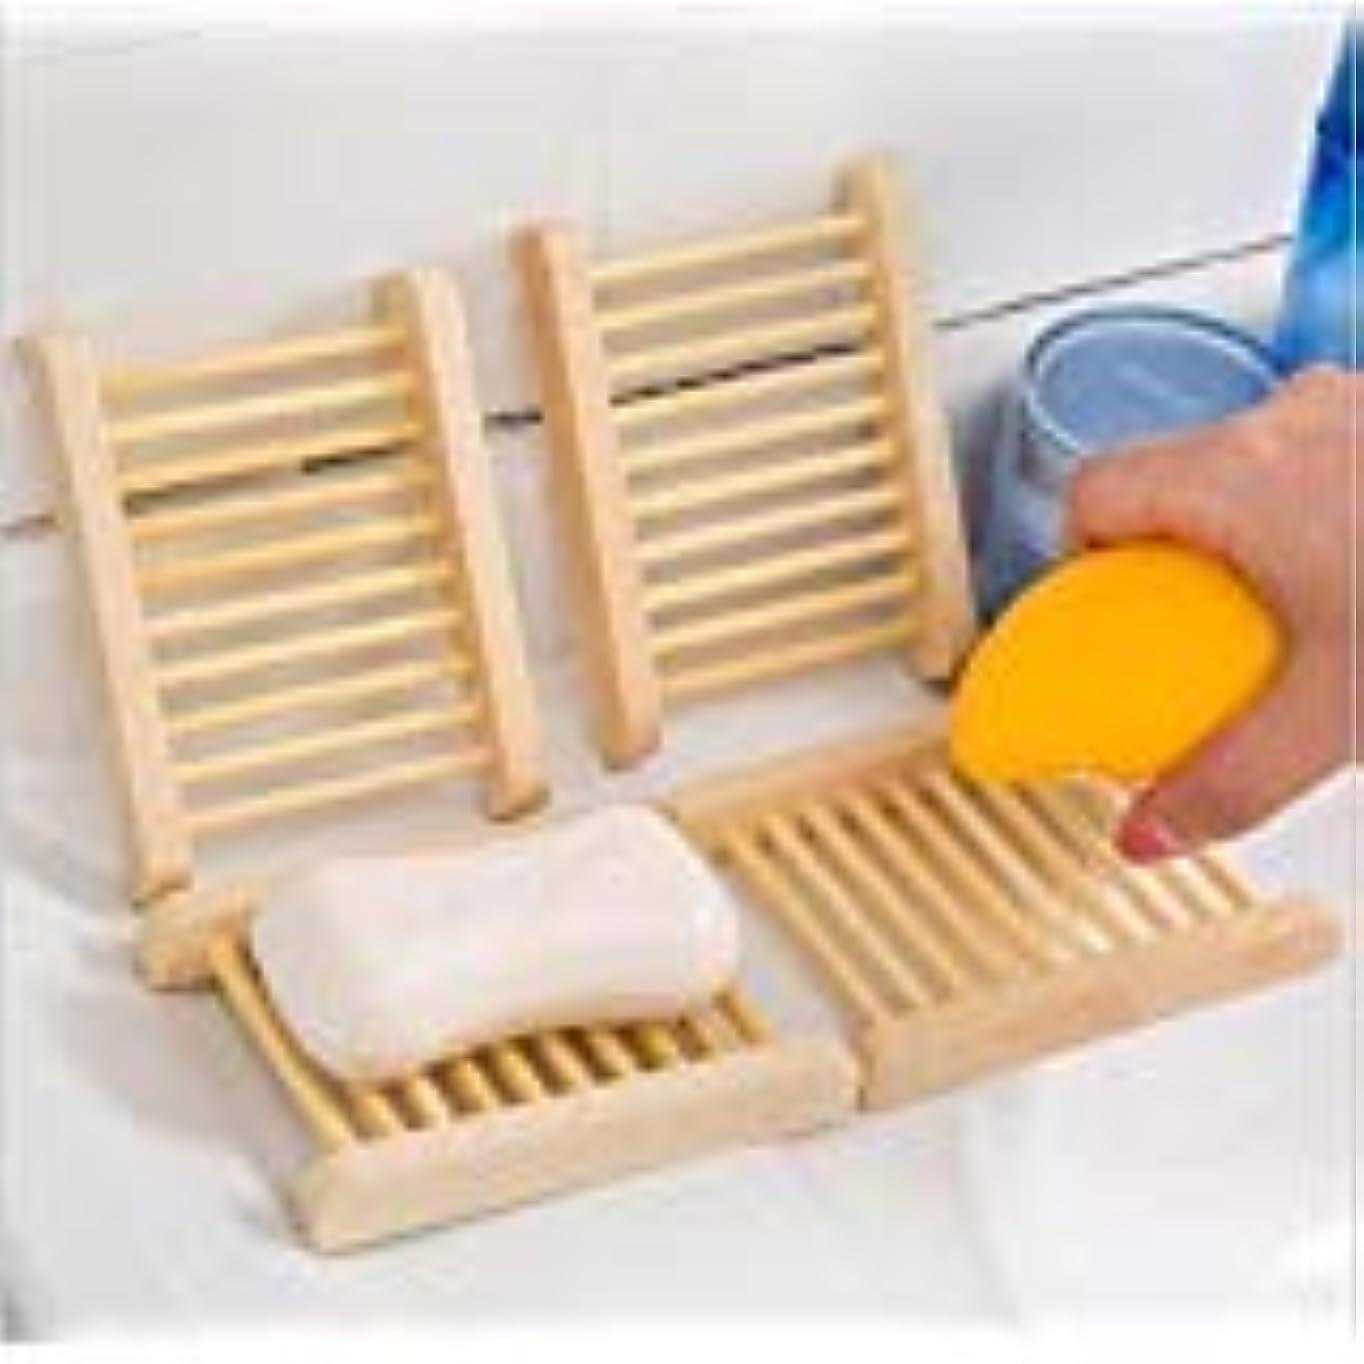 冬メロディー魅惑的なKINGZUO ソープトレー せっけんトレー 石鹸置き石鹸置き 石鹸ボックス ソープディッシュ 水切り お風呂 バス用品 木製 4個入り